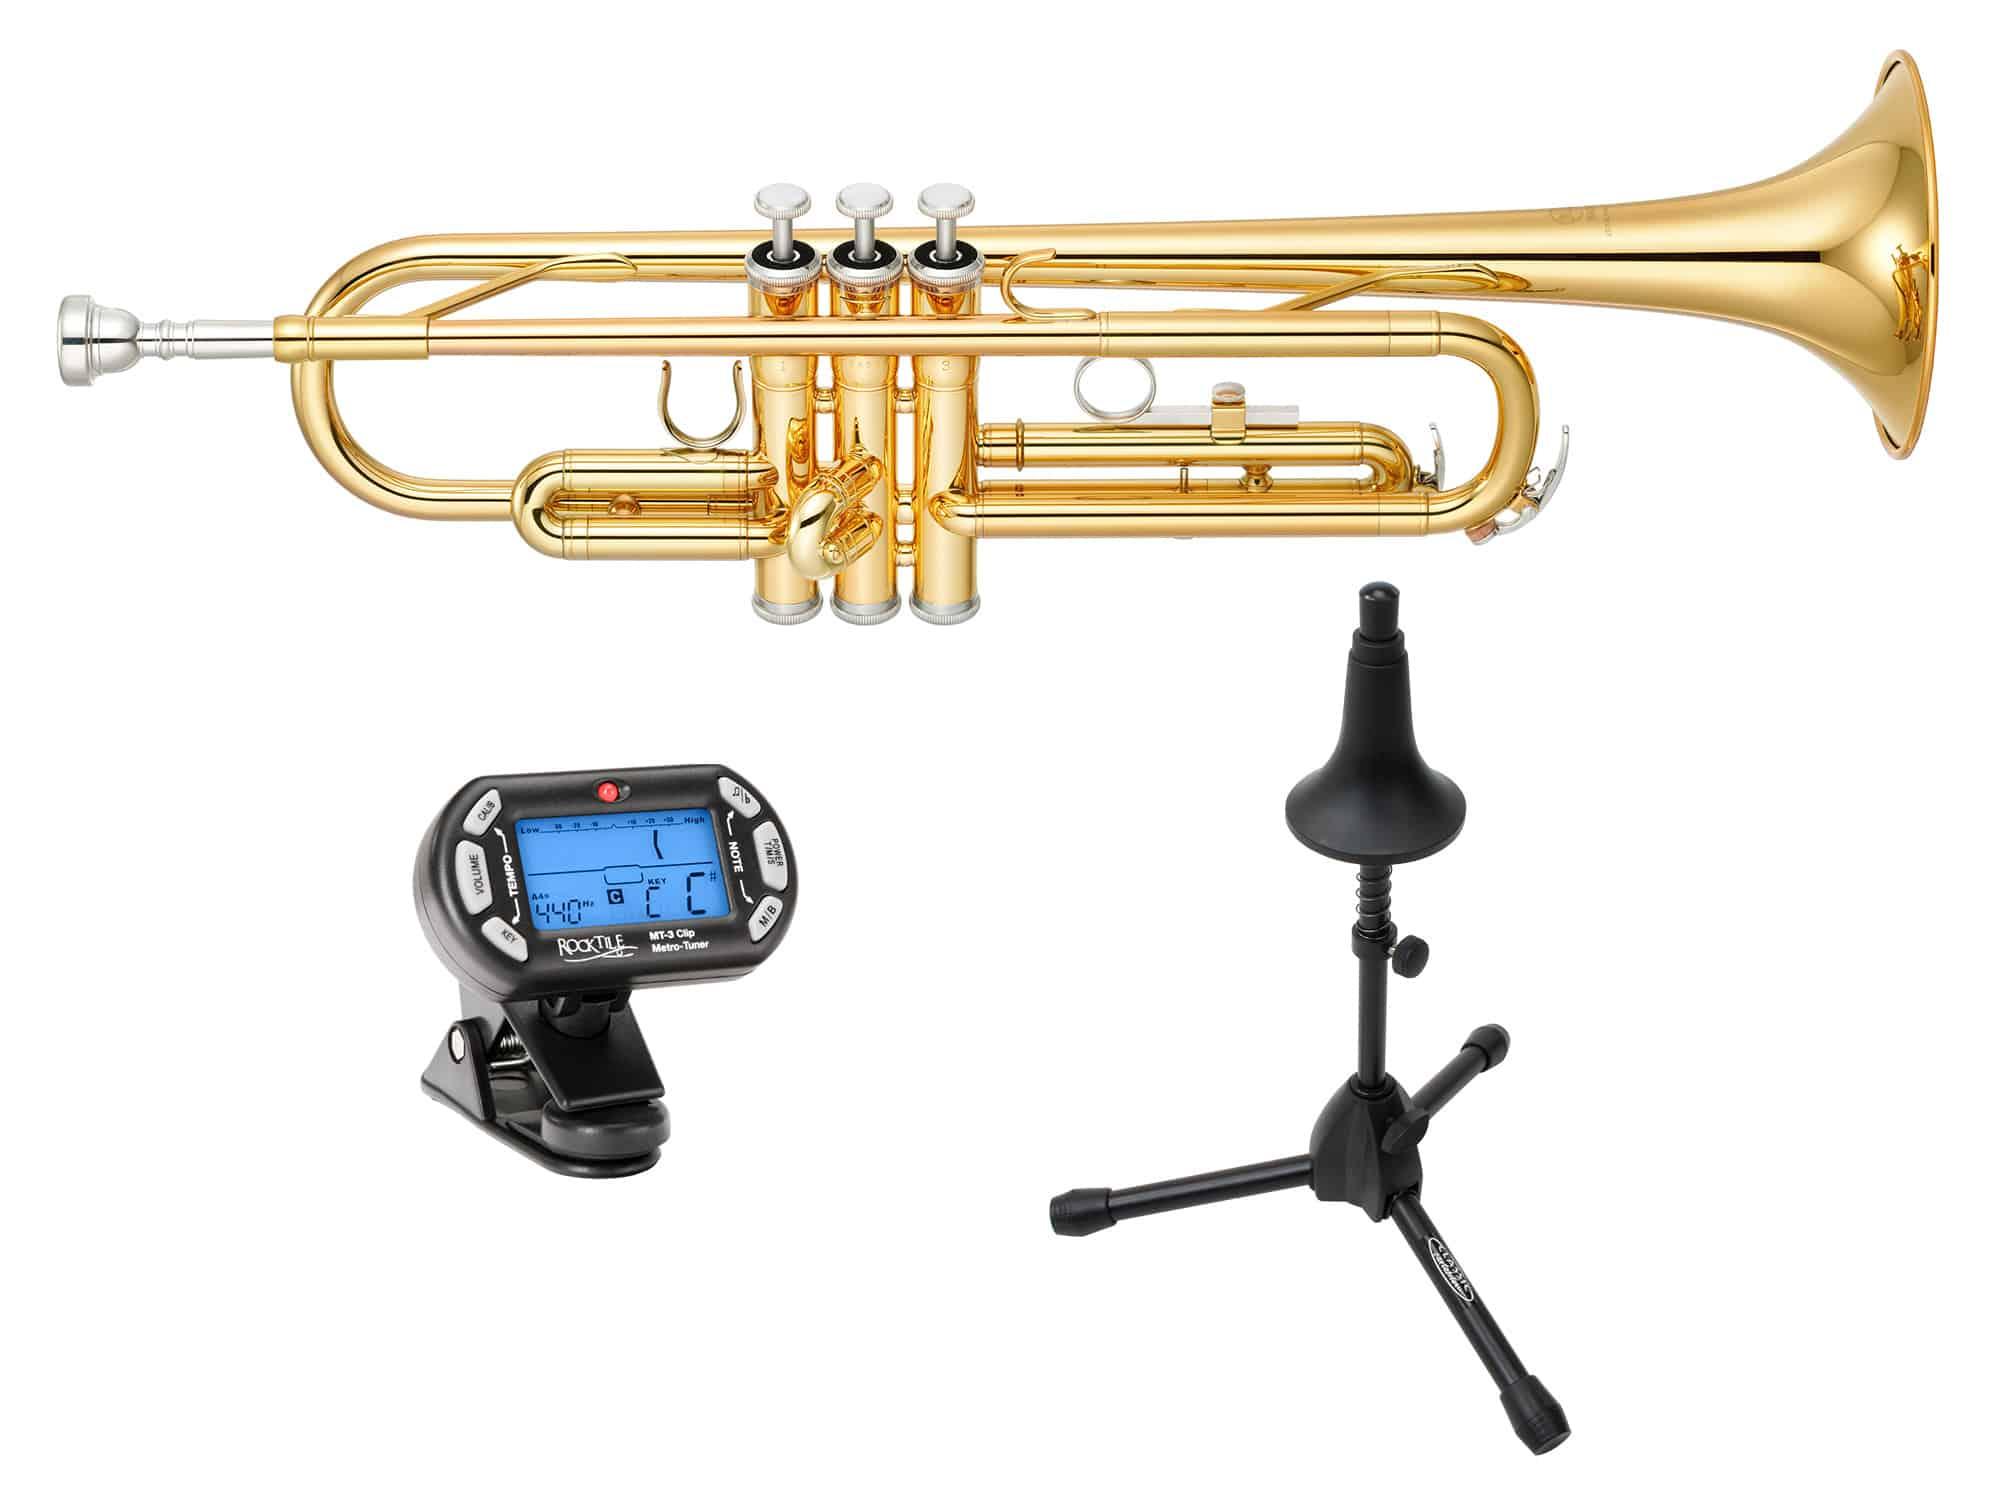 Trompeten - Yamaha YTR 2330 Trompete SET inkl. Ständer Stimmgerät - Onlineshop Musikhaus Kirstein